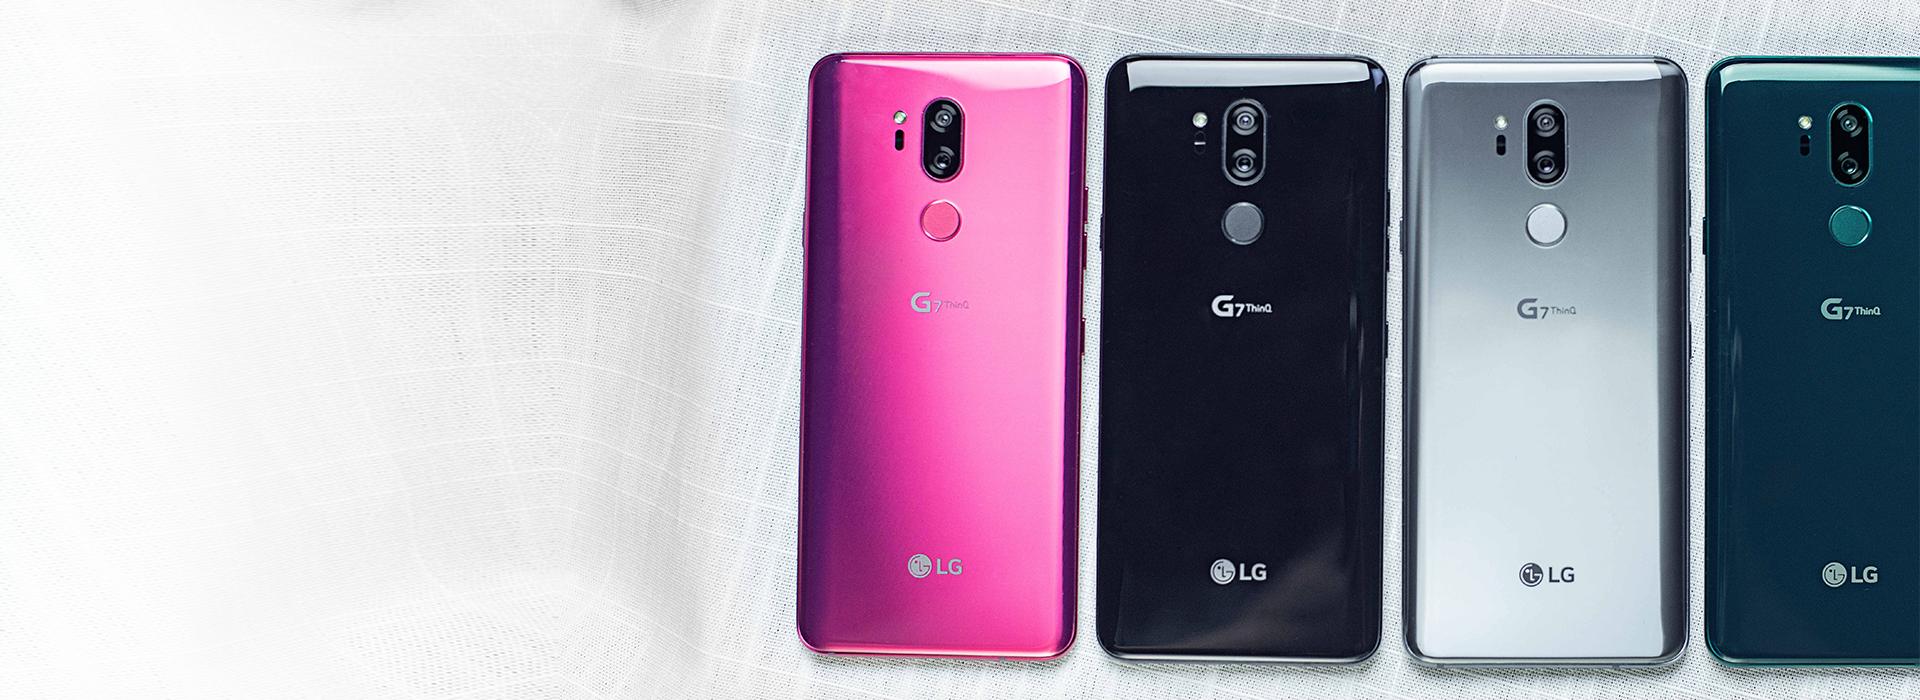 SMARTFON LG G7 ThinQ DOCENIANY PRZEZ EKSPERTÓW Z BRANŻY MOBILE